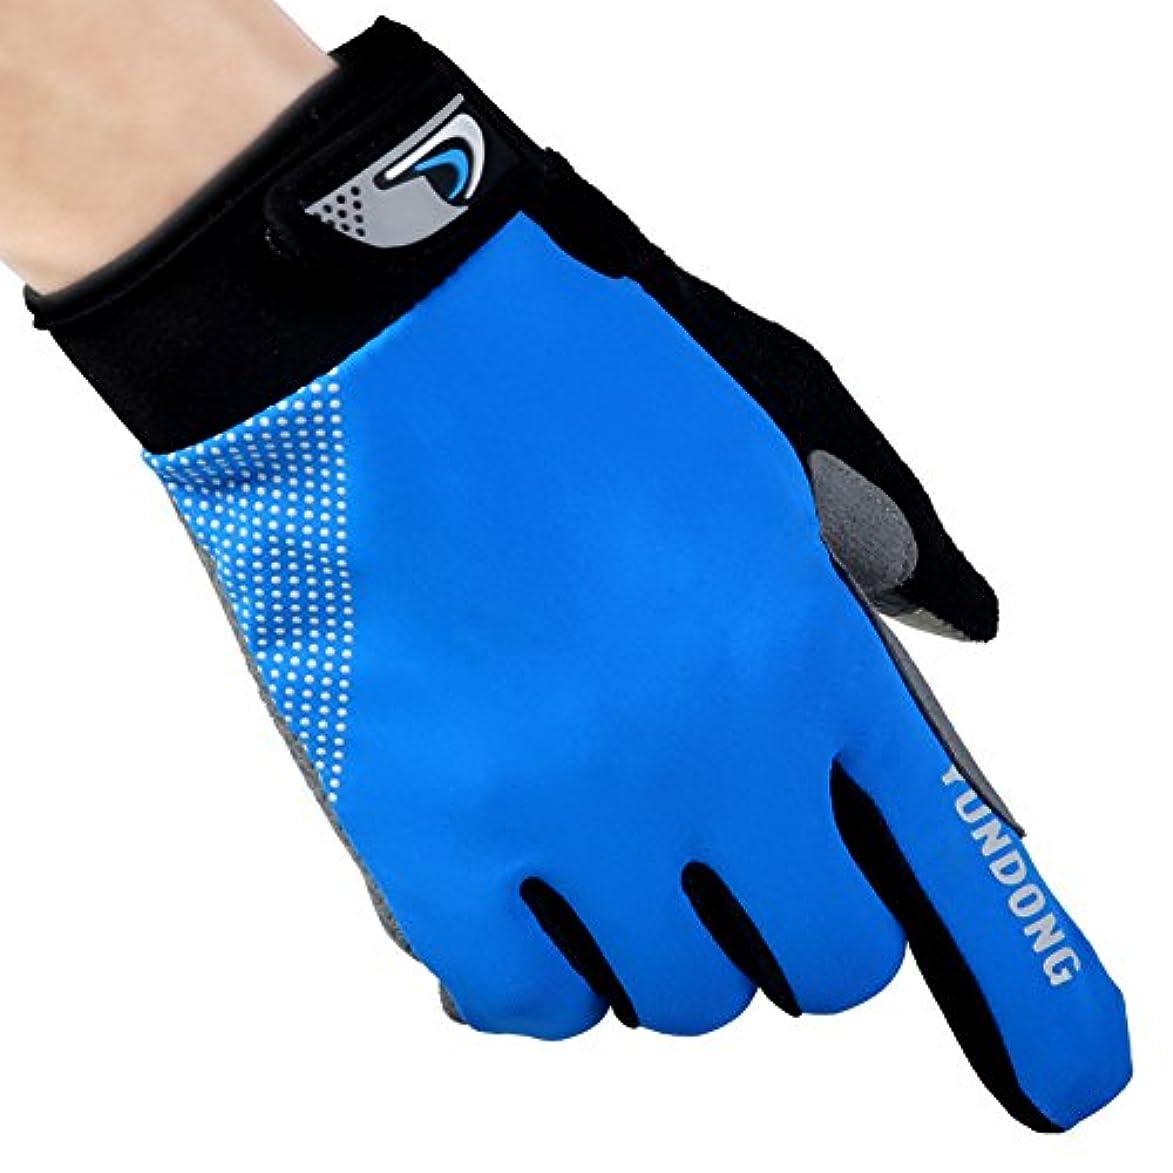 乳白チャート適度にDXG & FXアウトドアスポーツ手袋ドライブspeed-riding保護手袋フル指手袋for Men and Women Touch Sun Gloves